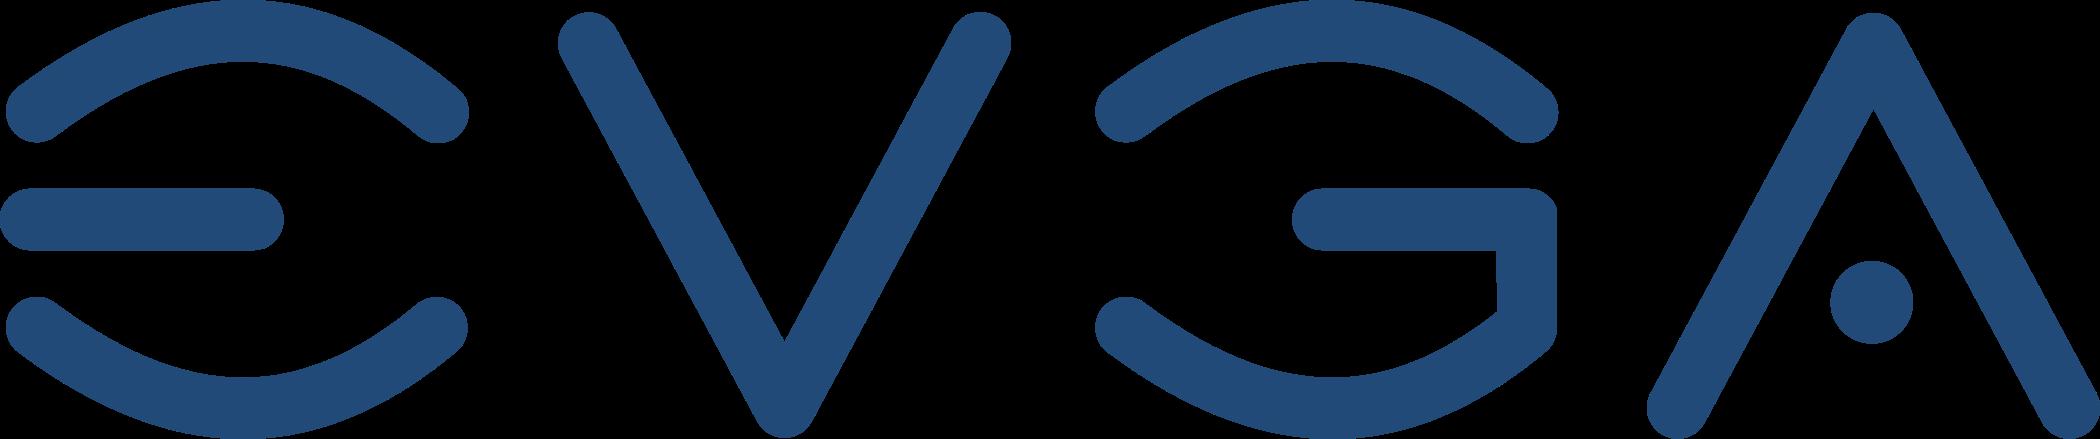 EVGA-logo-2